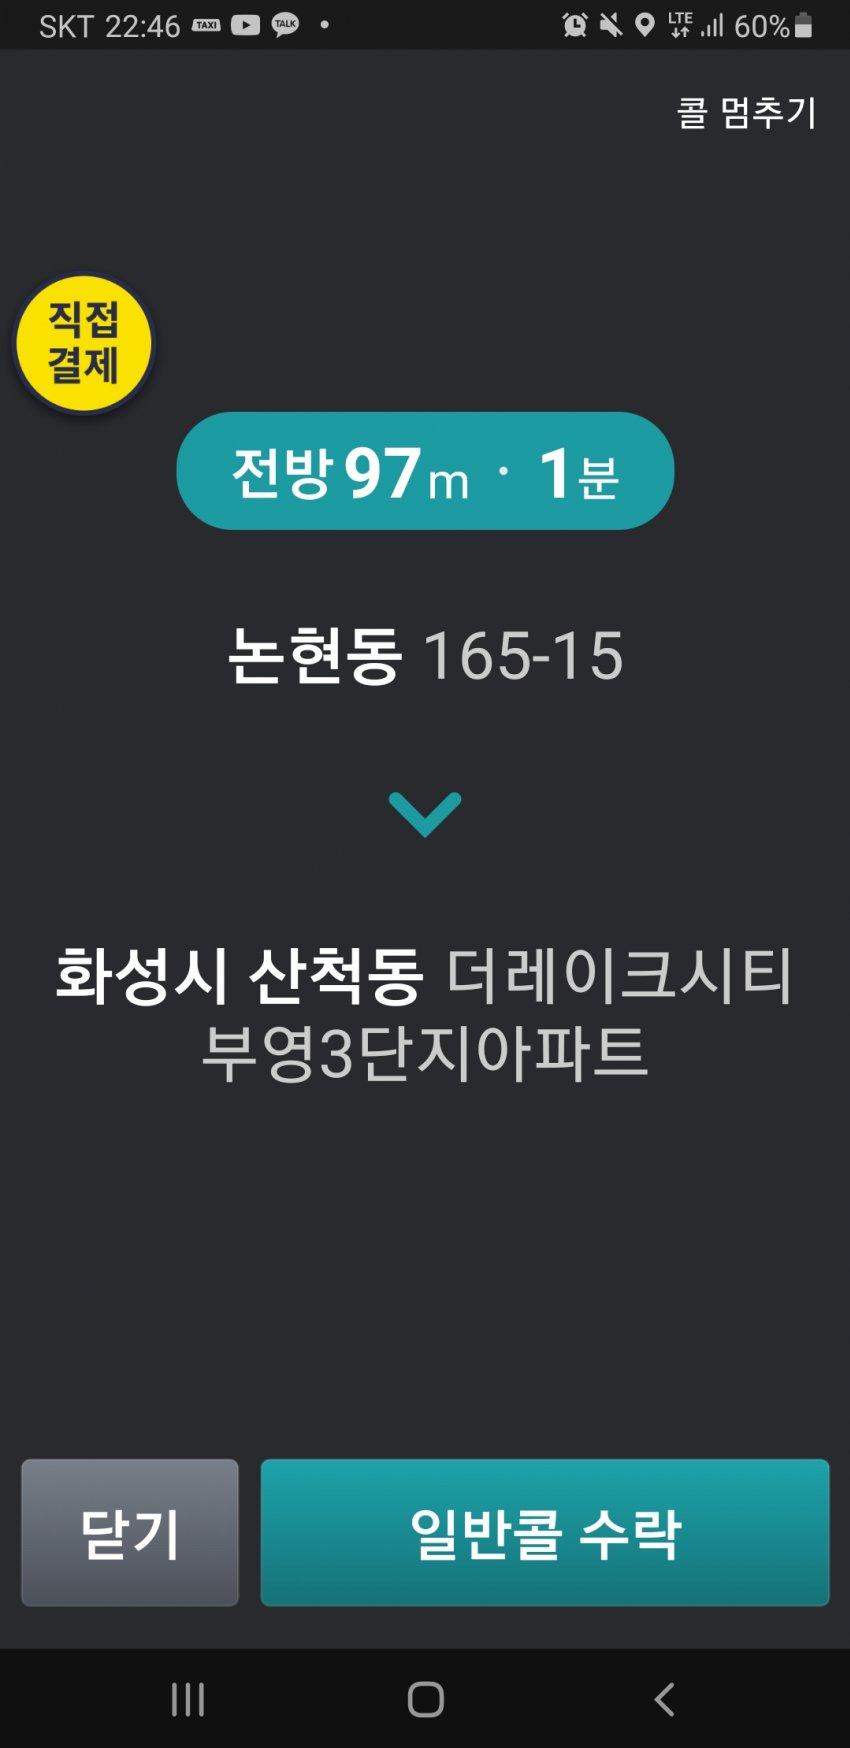 viewimage.php?id=39afd128f6db2c&no=24b0d769e1d32ca73dec87fa11d0283123a3619b5f9530e1a1316068e3daca0a5f5c062bbad9685985119163a839bebd747dfa861db70a7090540f68df552706b4aae2b360d772f2c59c018b696e3173f52ef3e349ac3c4742269f2a9acfdb1db67b9015f8e4da1692810a7b